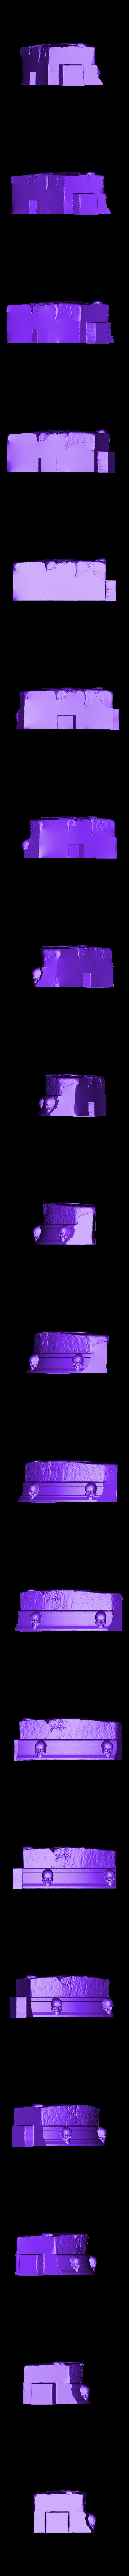 Base3.stl Télécharger fichier STL TUEUR À GAGES • Objet à imprimer en 3D, freeclimbingbo